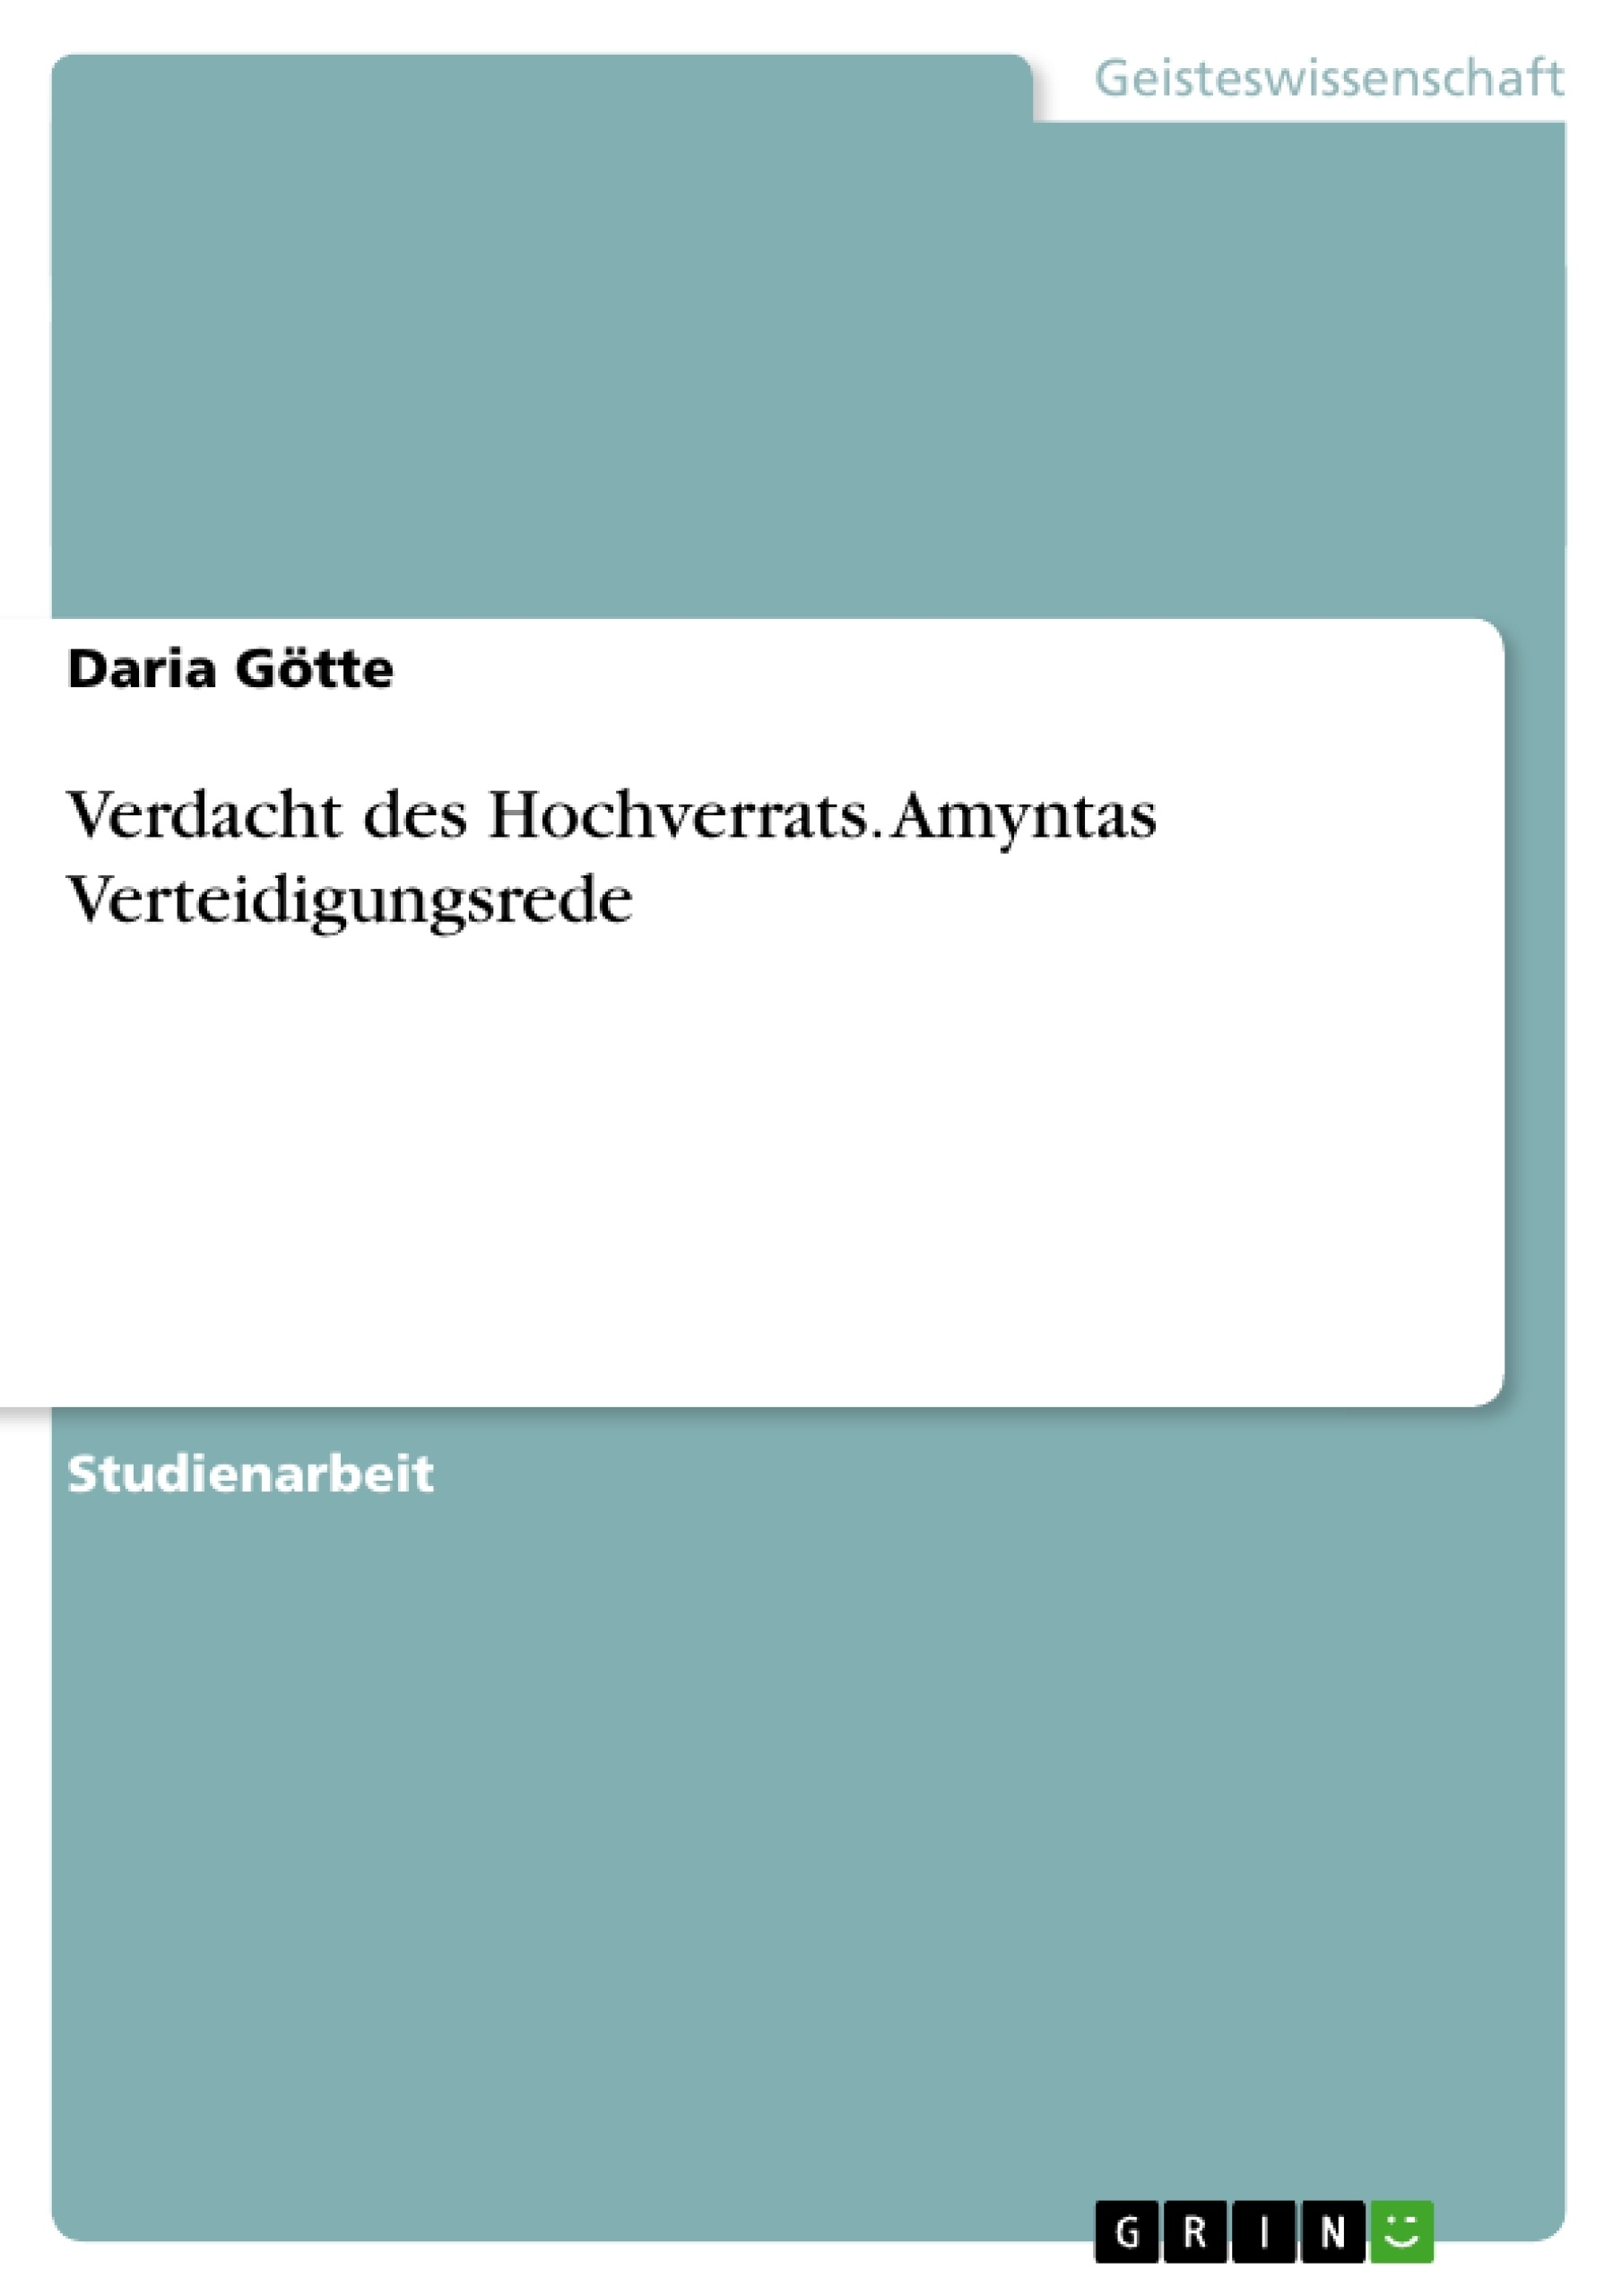 Titel: Verdacht des Hochverrats. Amyntas Verteidigungsrede